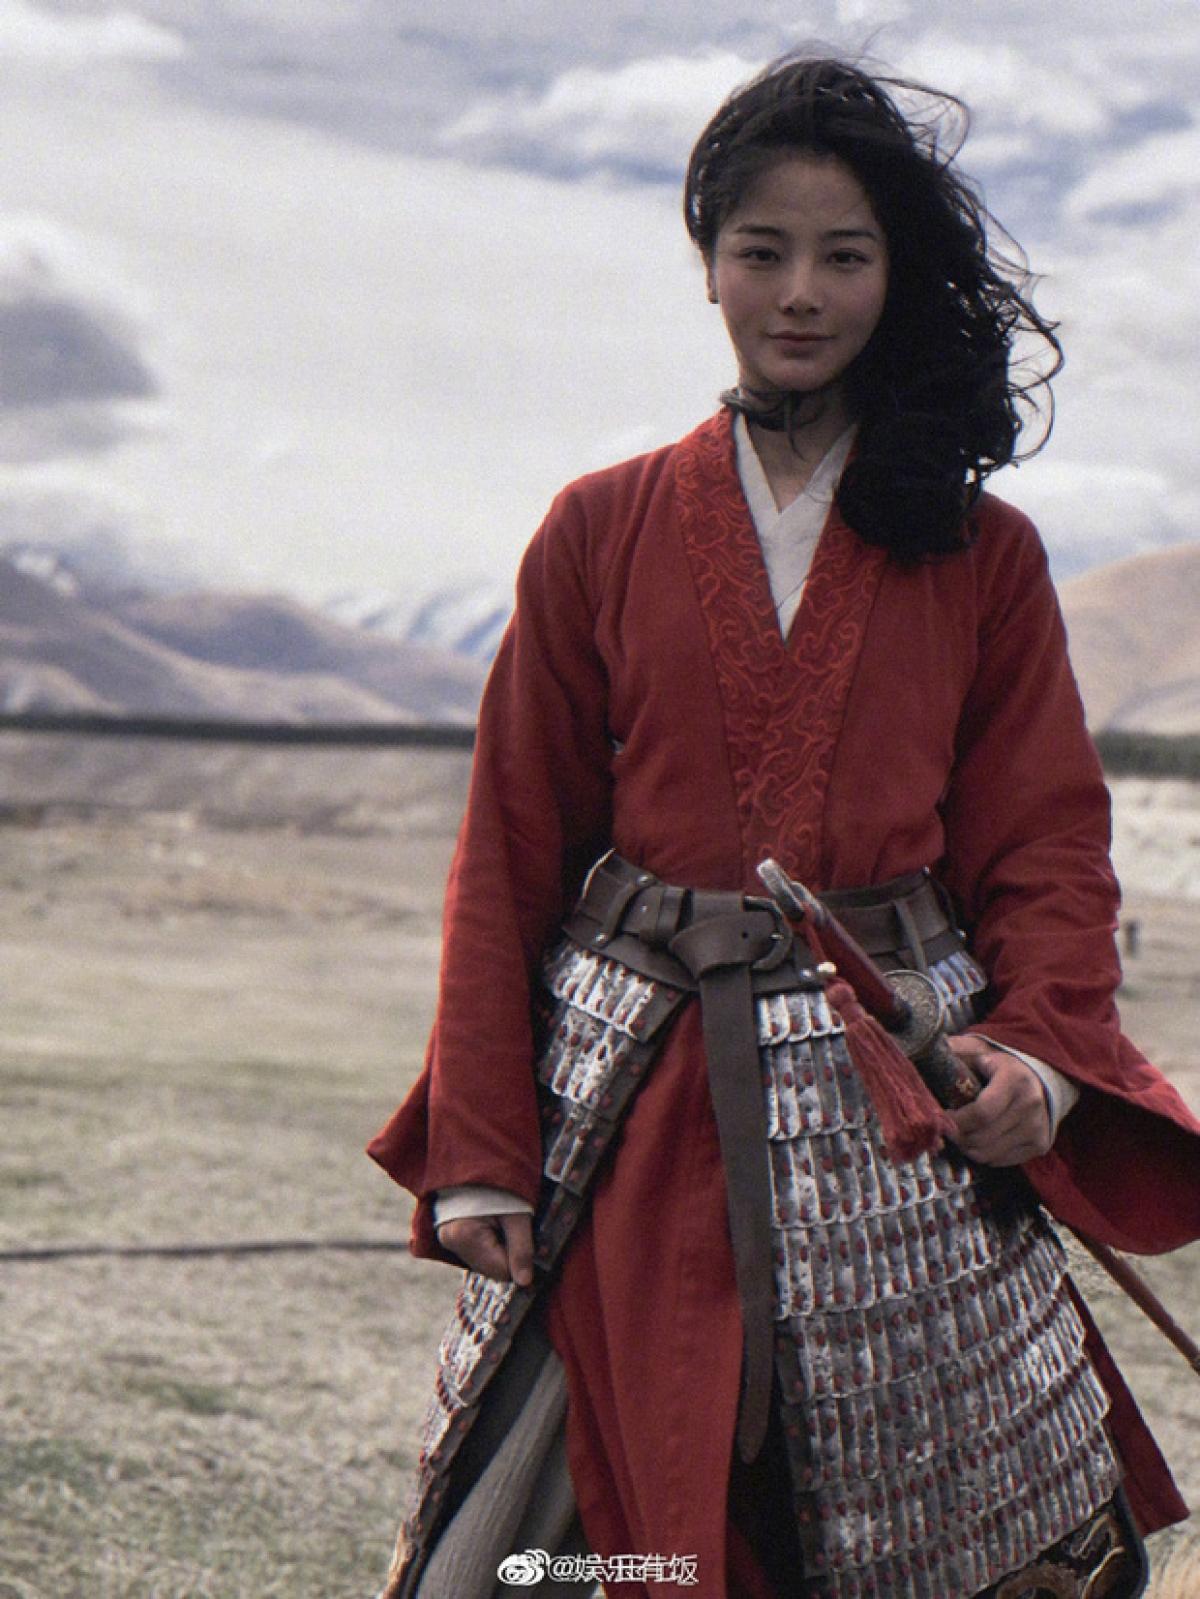 Nhờ vậy, Lưu Á Tây đã vượt qua nhiều ứng viên để đảm nhận tốt vai trò đóng thế cho Lưu Diệc Phi.